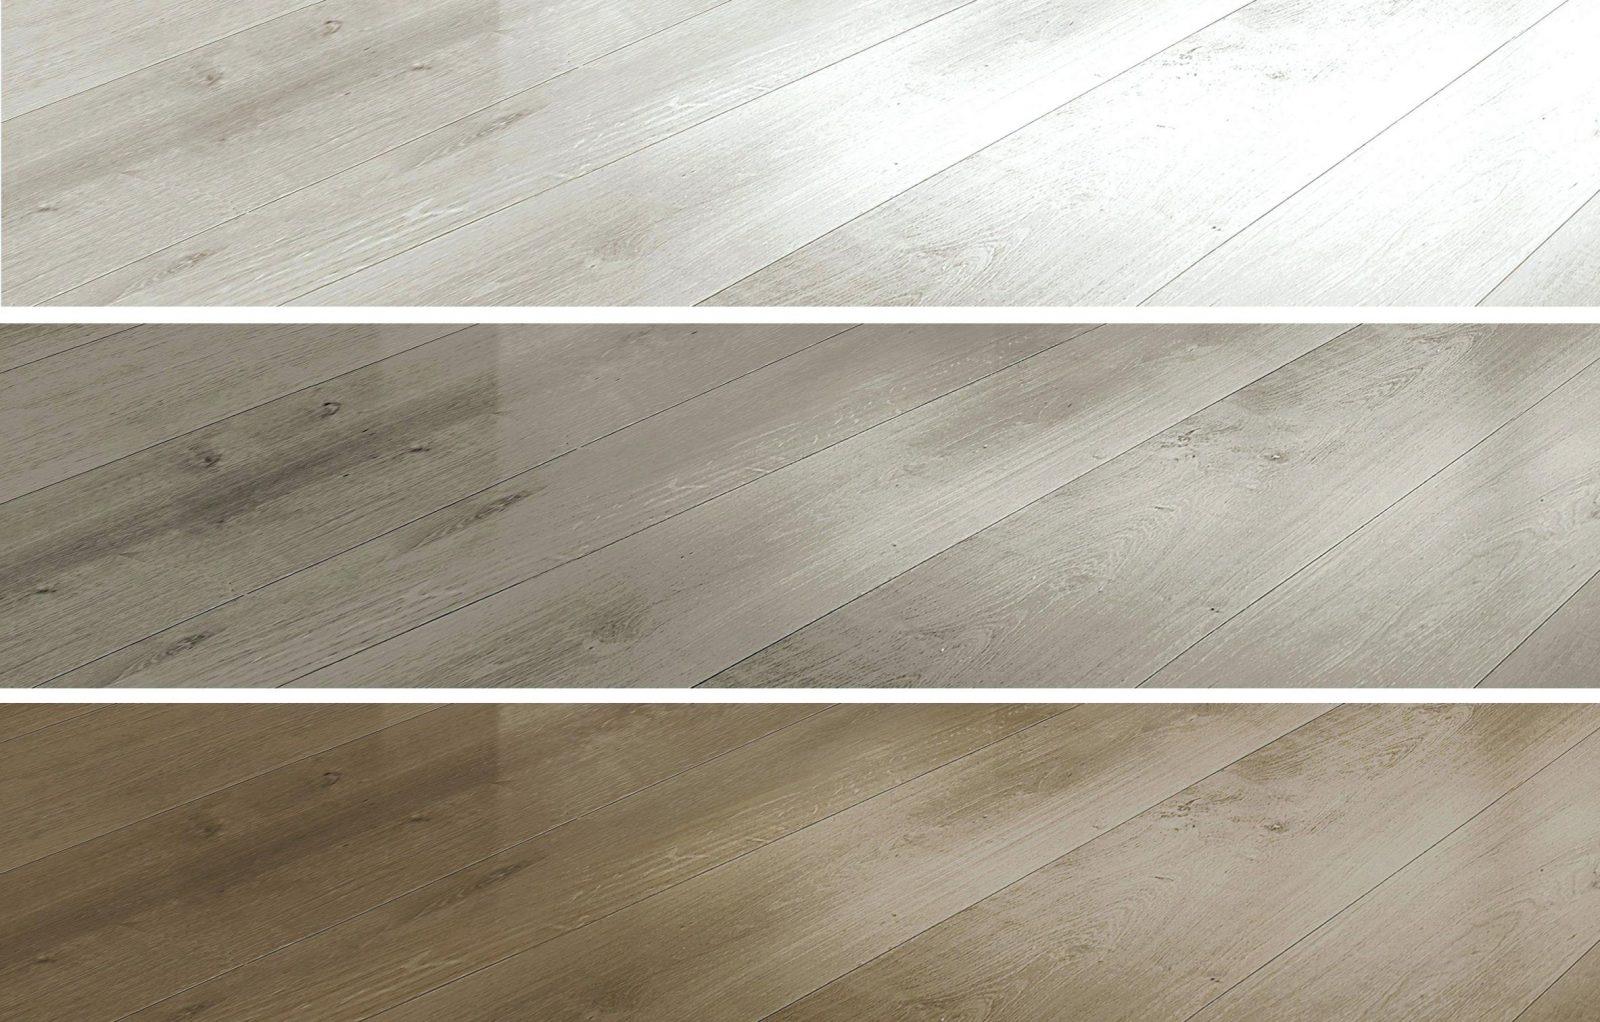 Vinylboden Selbstklebend Vinyl Er Bauhaus Auf Fliesen Verlegen Pvc von Vinyl Laminat Selbstklebend Auf Fliesen Verlegen Bild